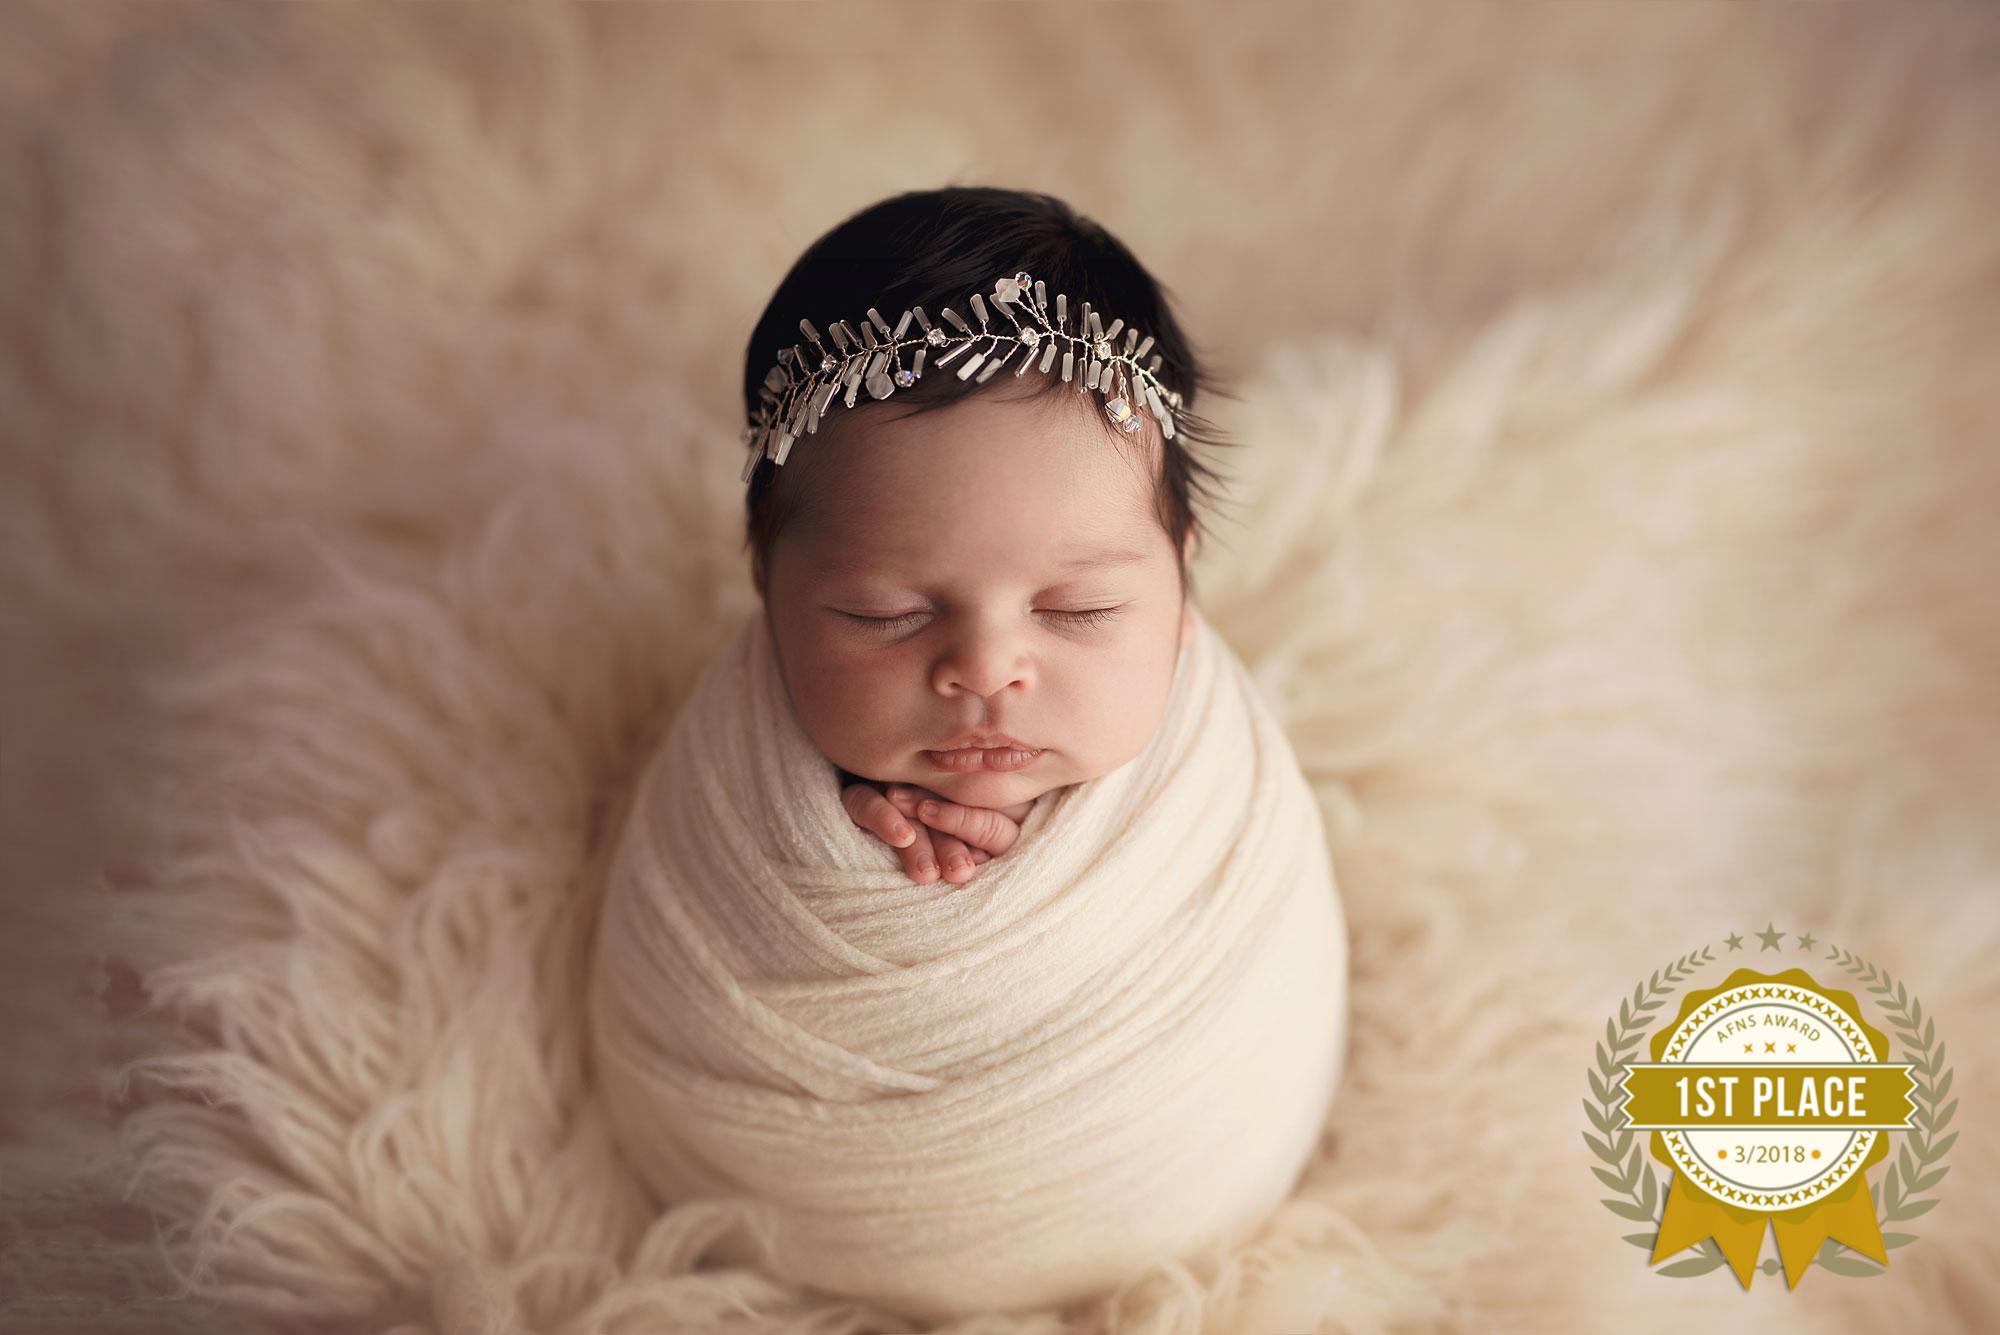 Fotografii nou născuți - Daniela Ursache | 2